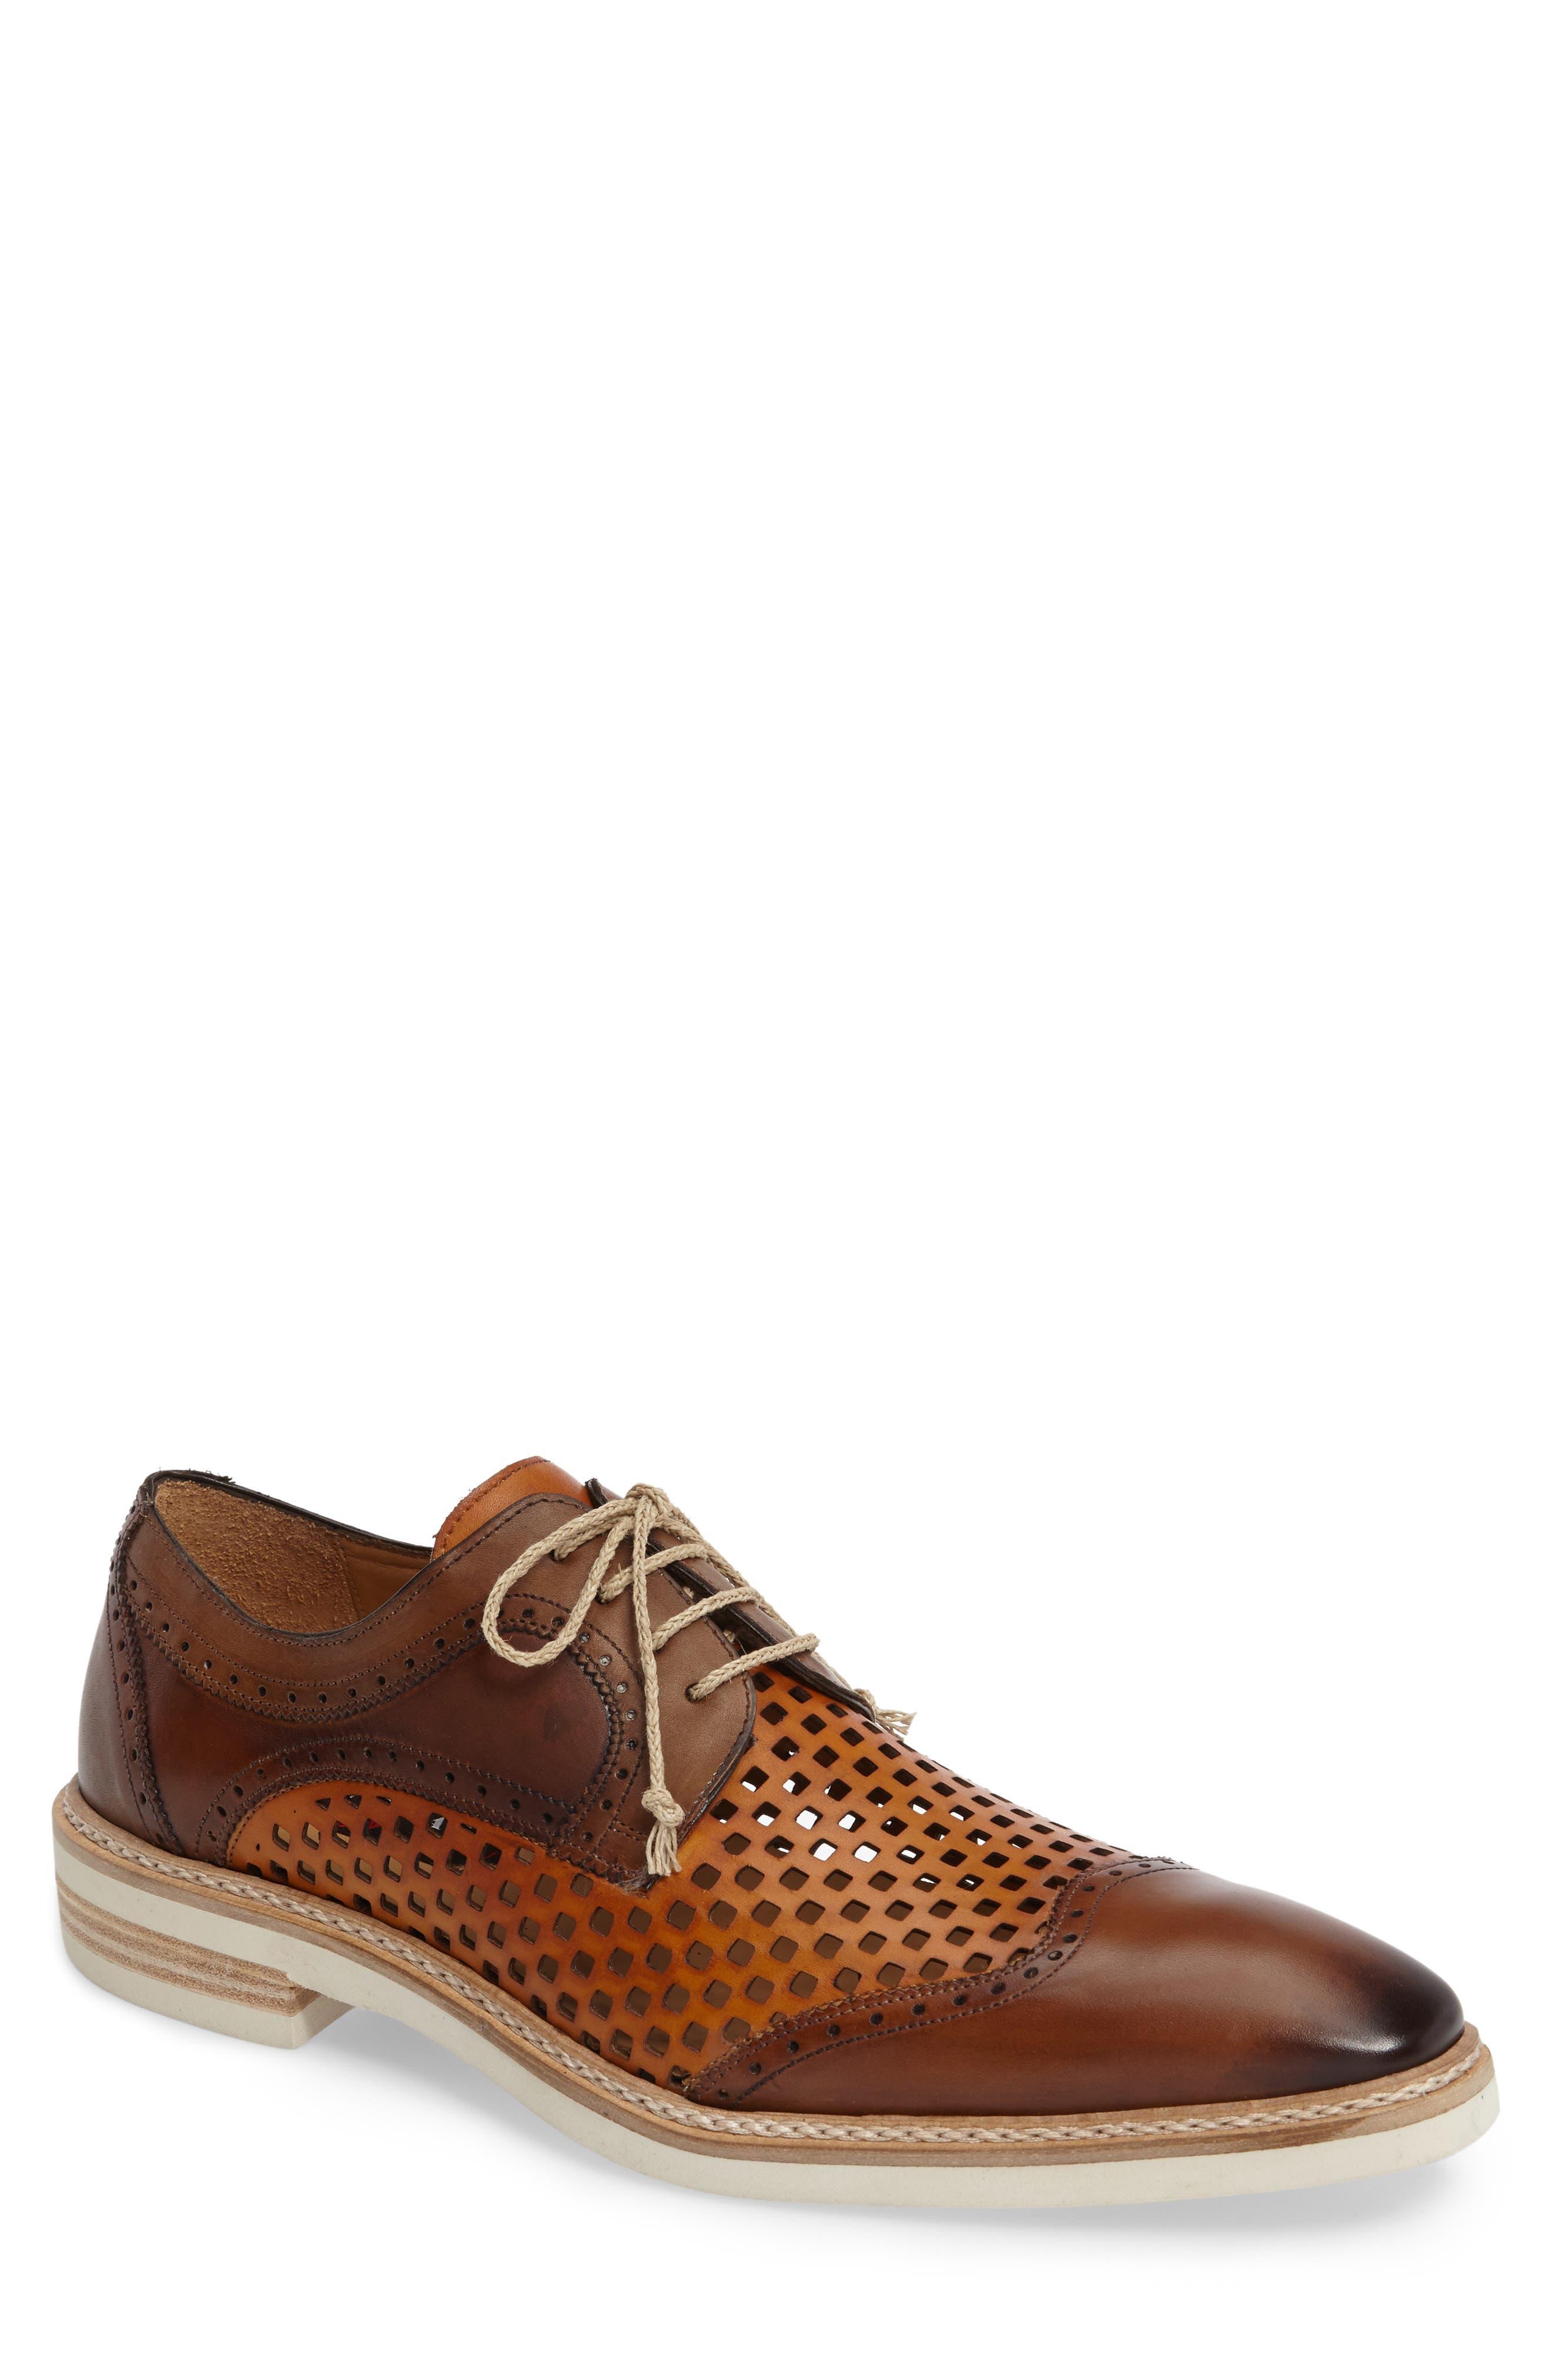 Alvarez Spectator Shoe,                         Main,                         color, Cognac Multi Leather